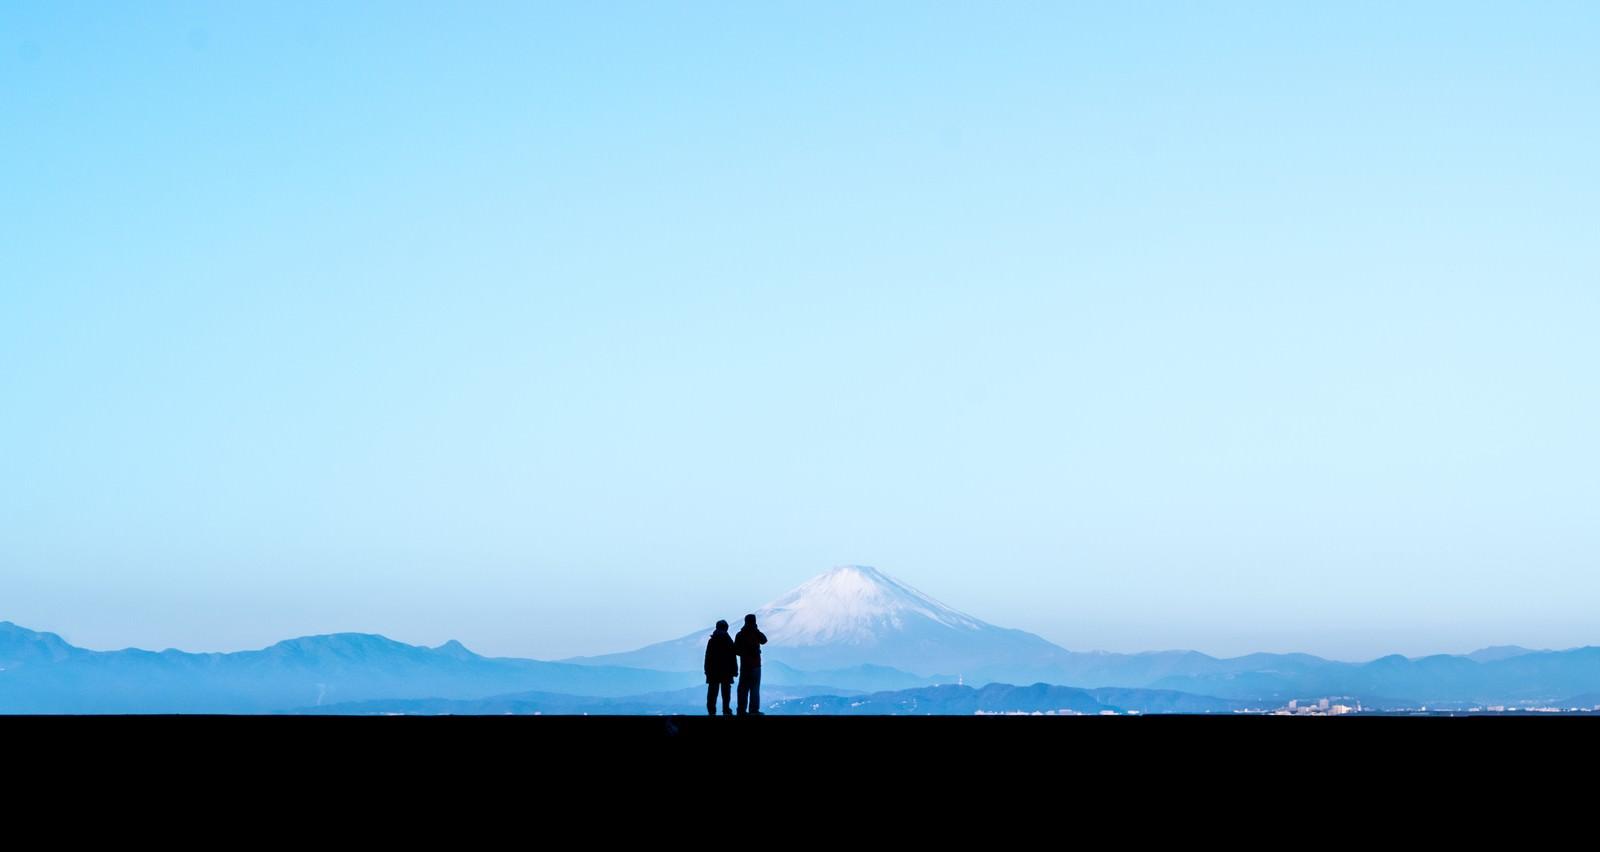 「カップルで快晴の富士山を見ているシルエット」